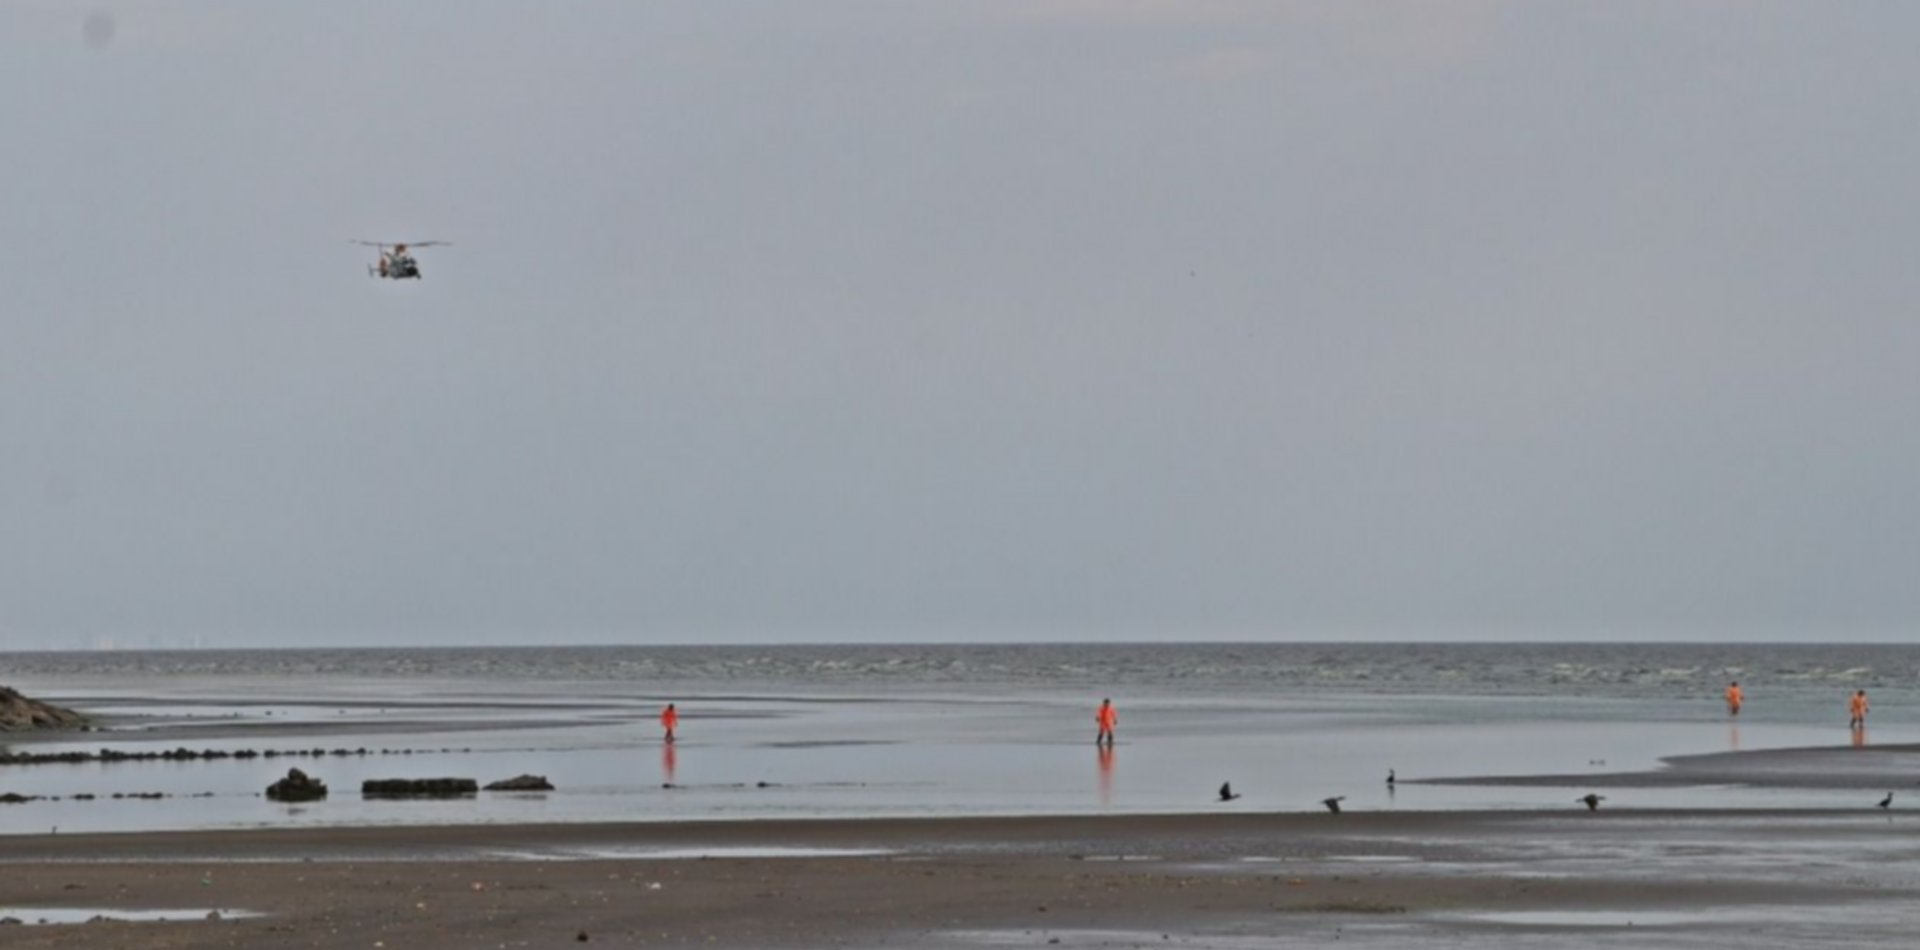 Continúa la búsqueda del pescador desaparecido desde el lunes en el Río de la Plata